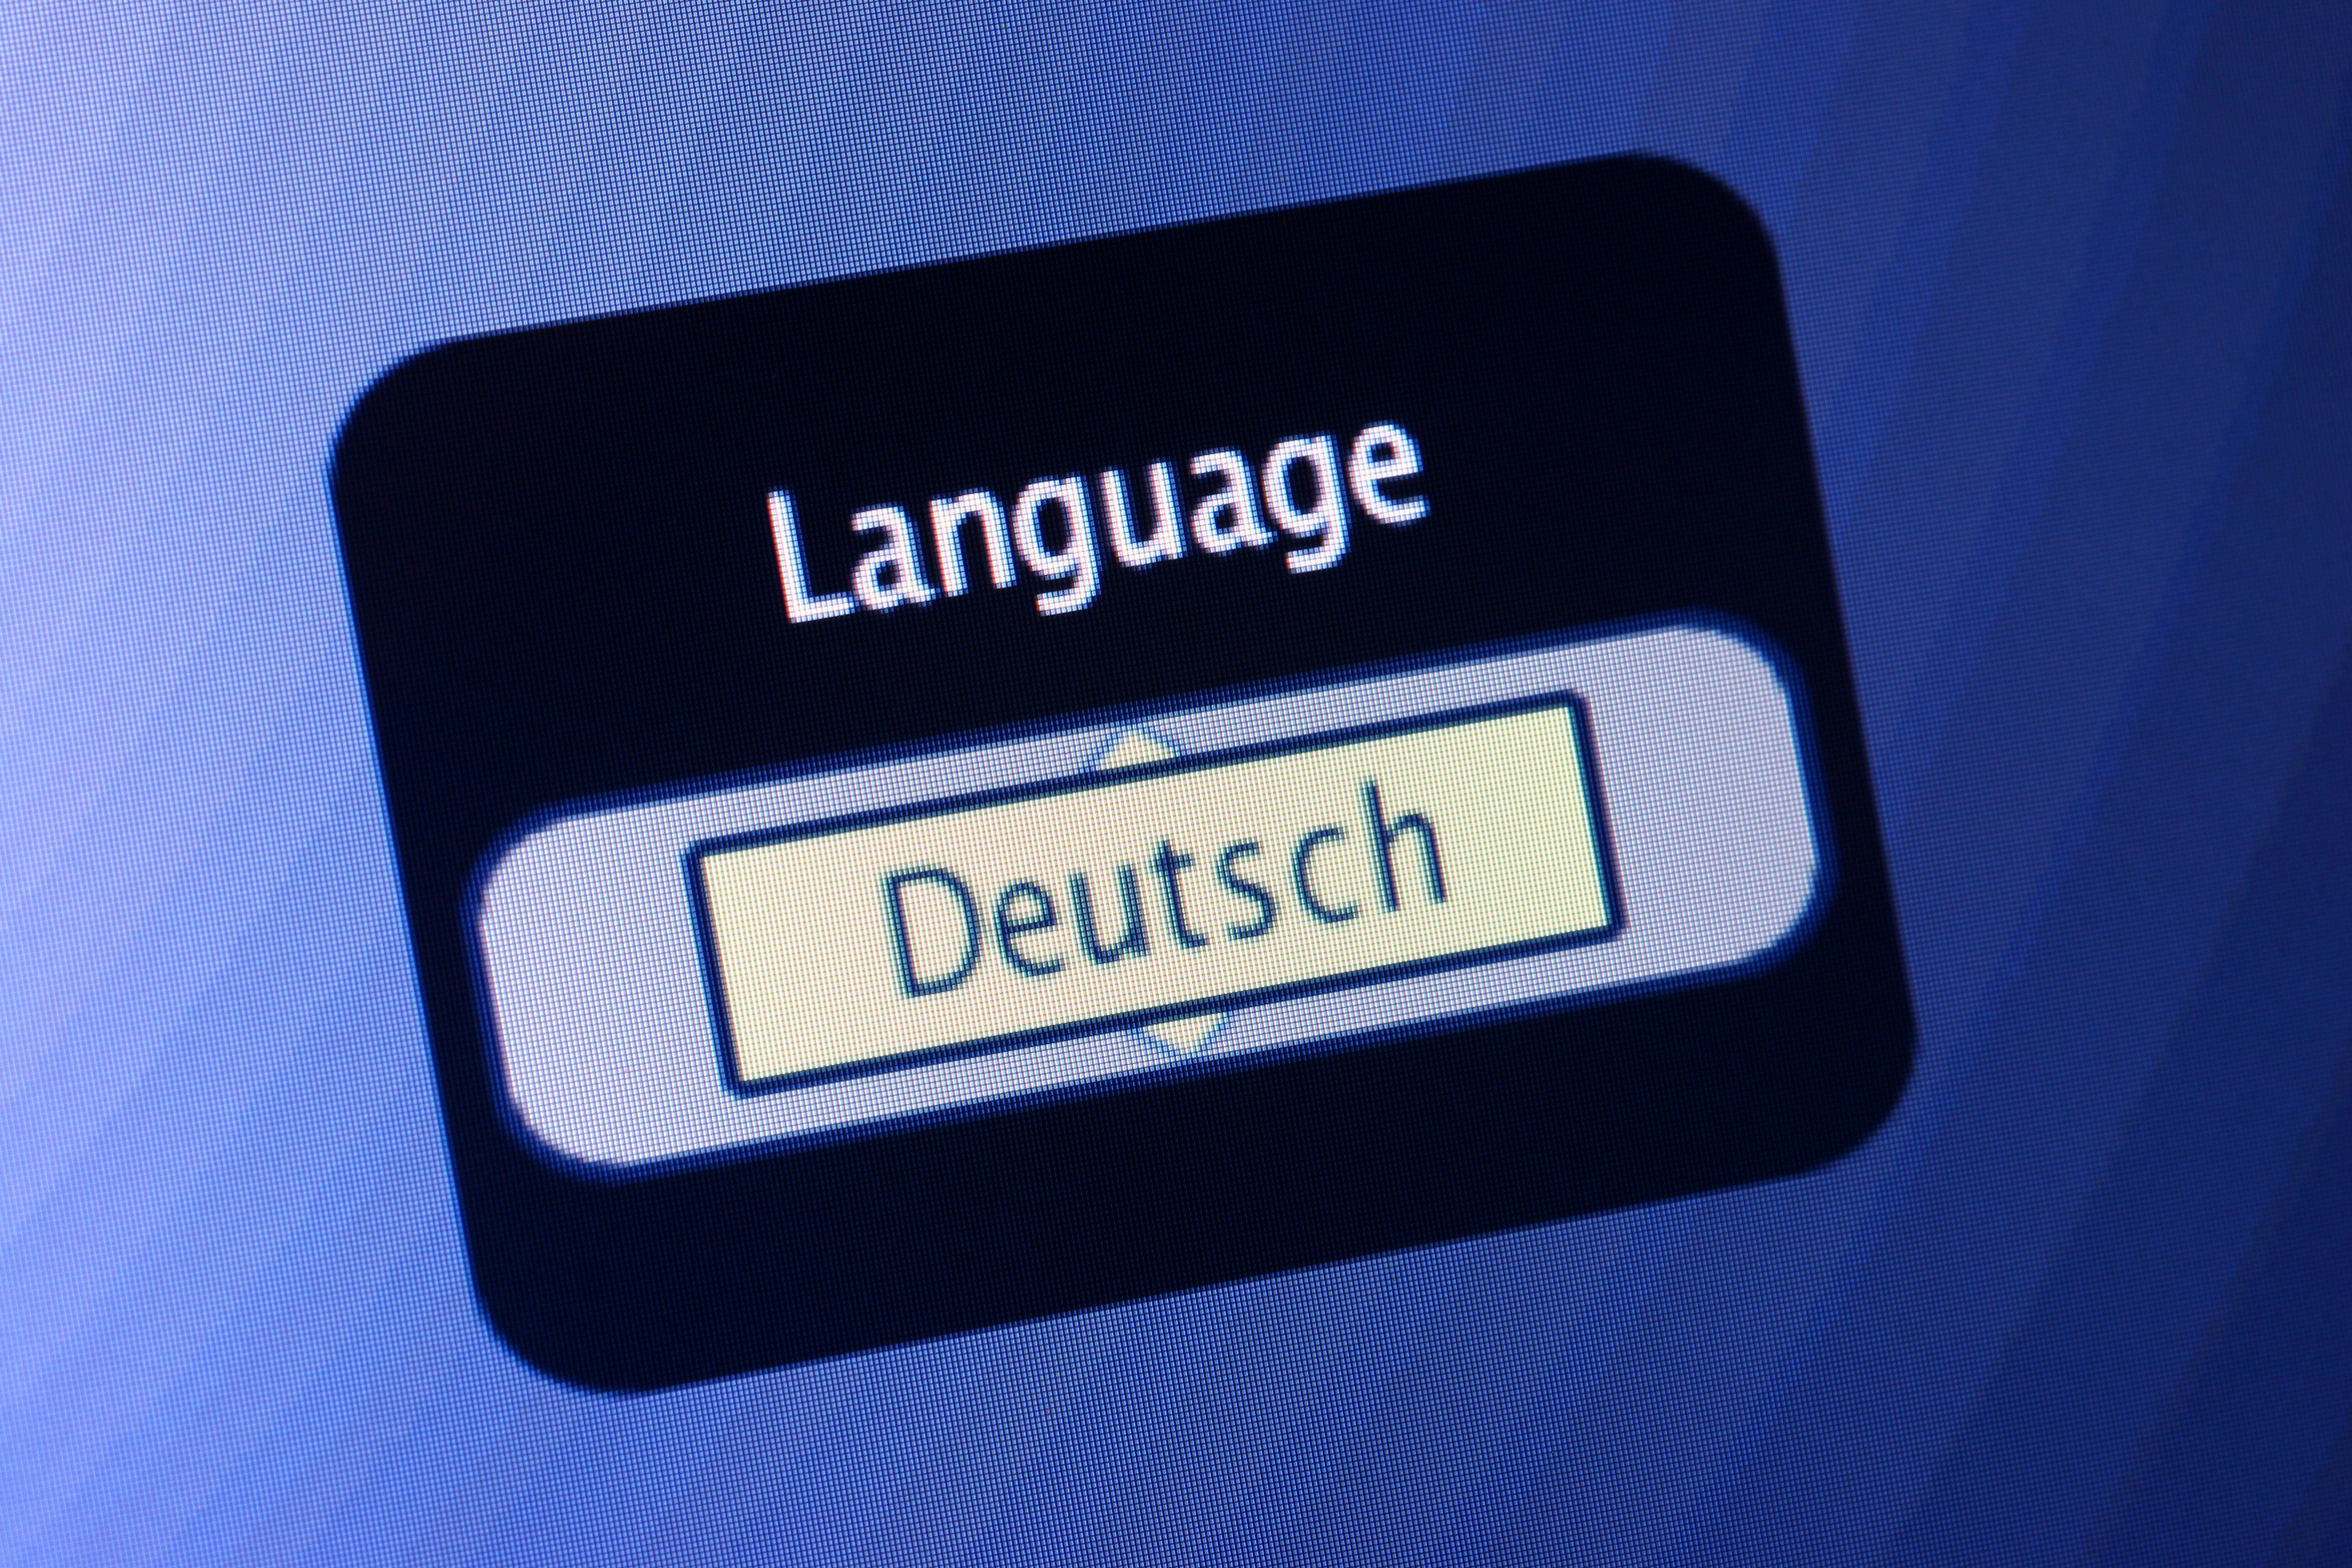 German_language selected